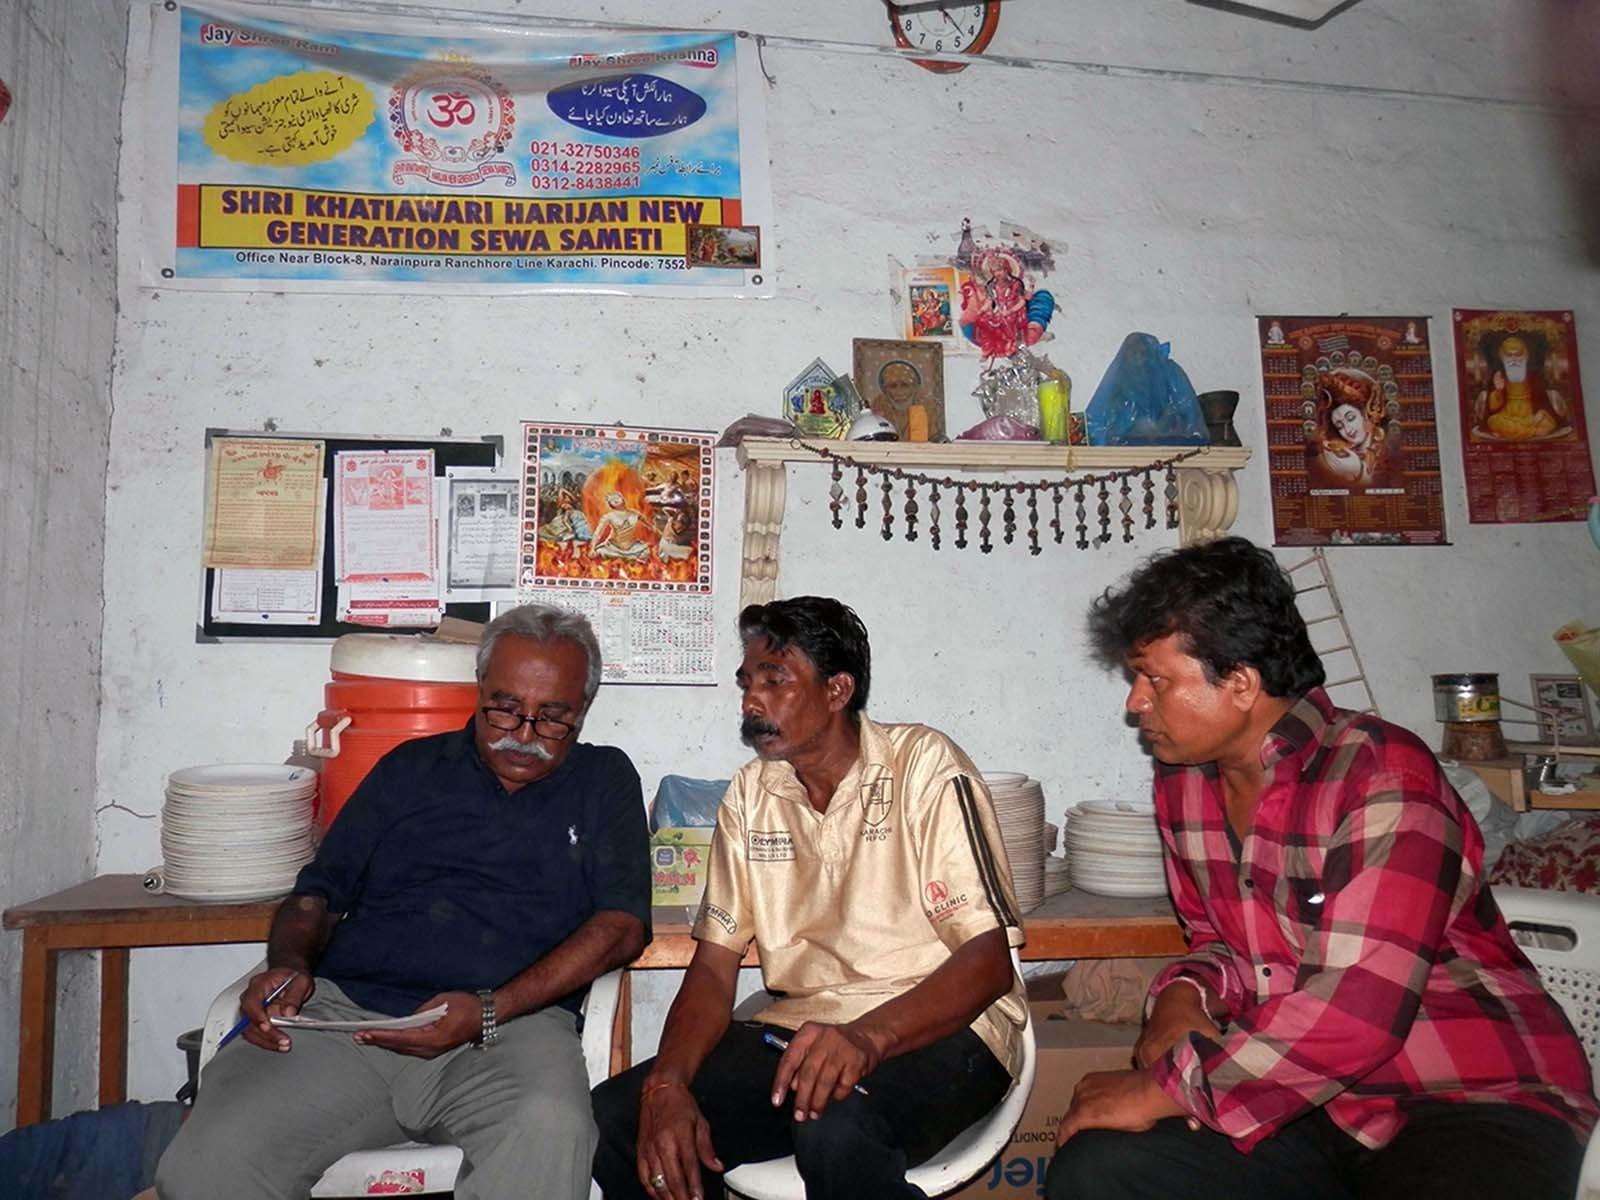 لکھاری ہندو سماجی تنظیم کے عہدیداران سے گفتگو کر رہے ہیں.